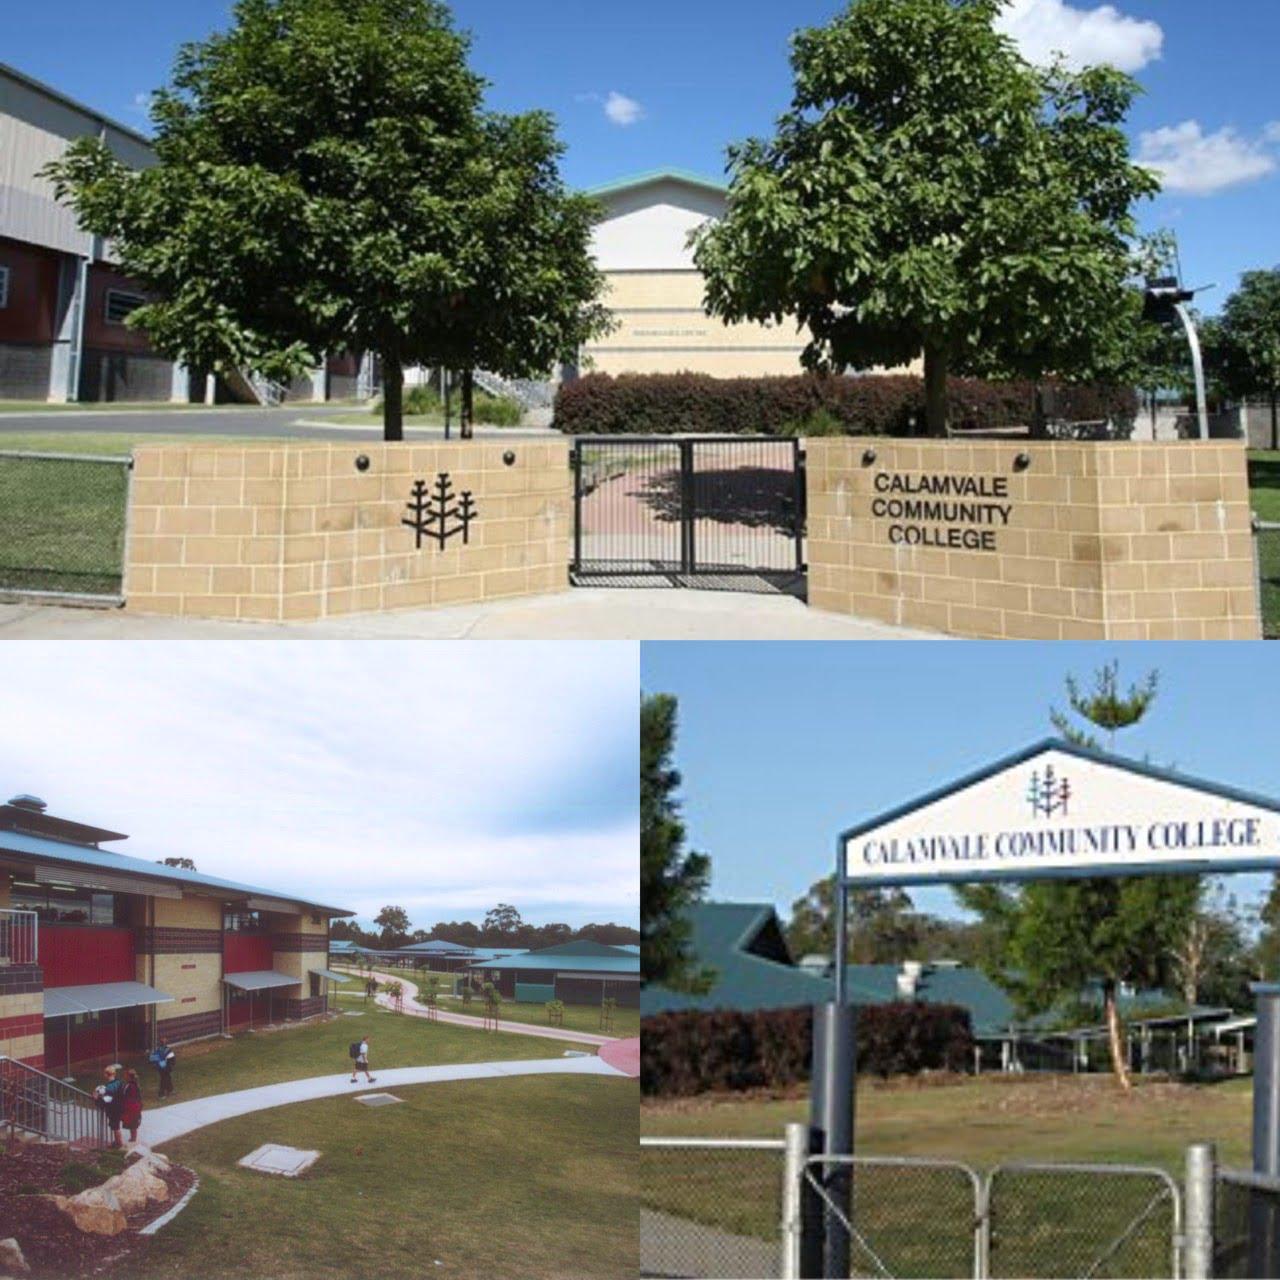 澳立留學 Calamvale community college 校園 校門 澳洲留學 澳洲移民 澳洲打工渡假 中學留學 小學留學 高中留學